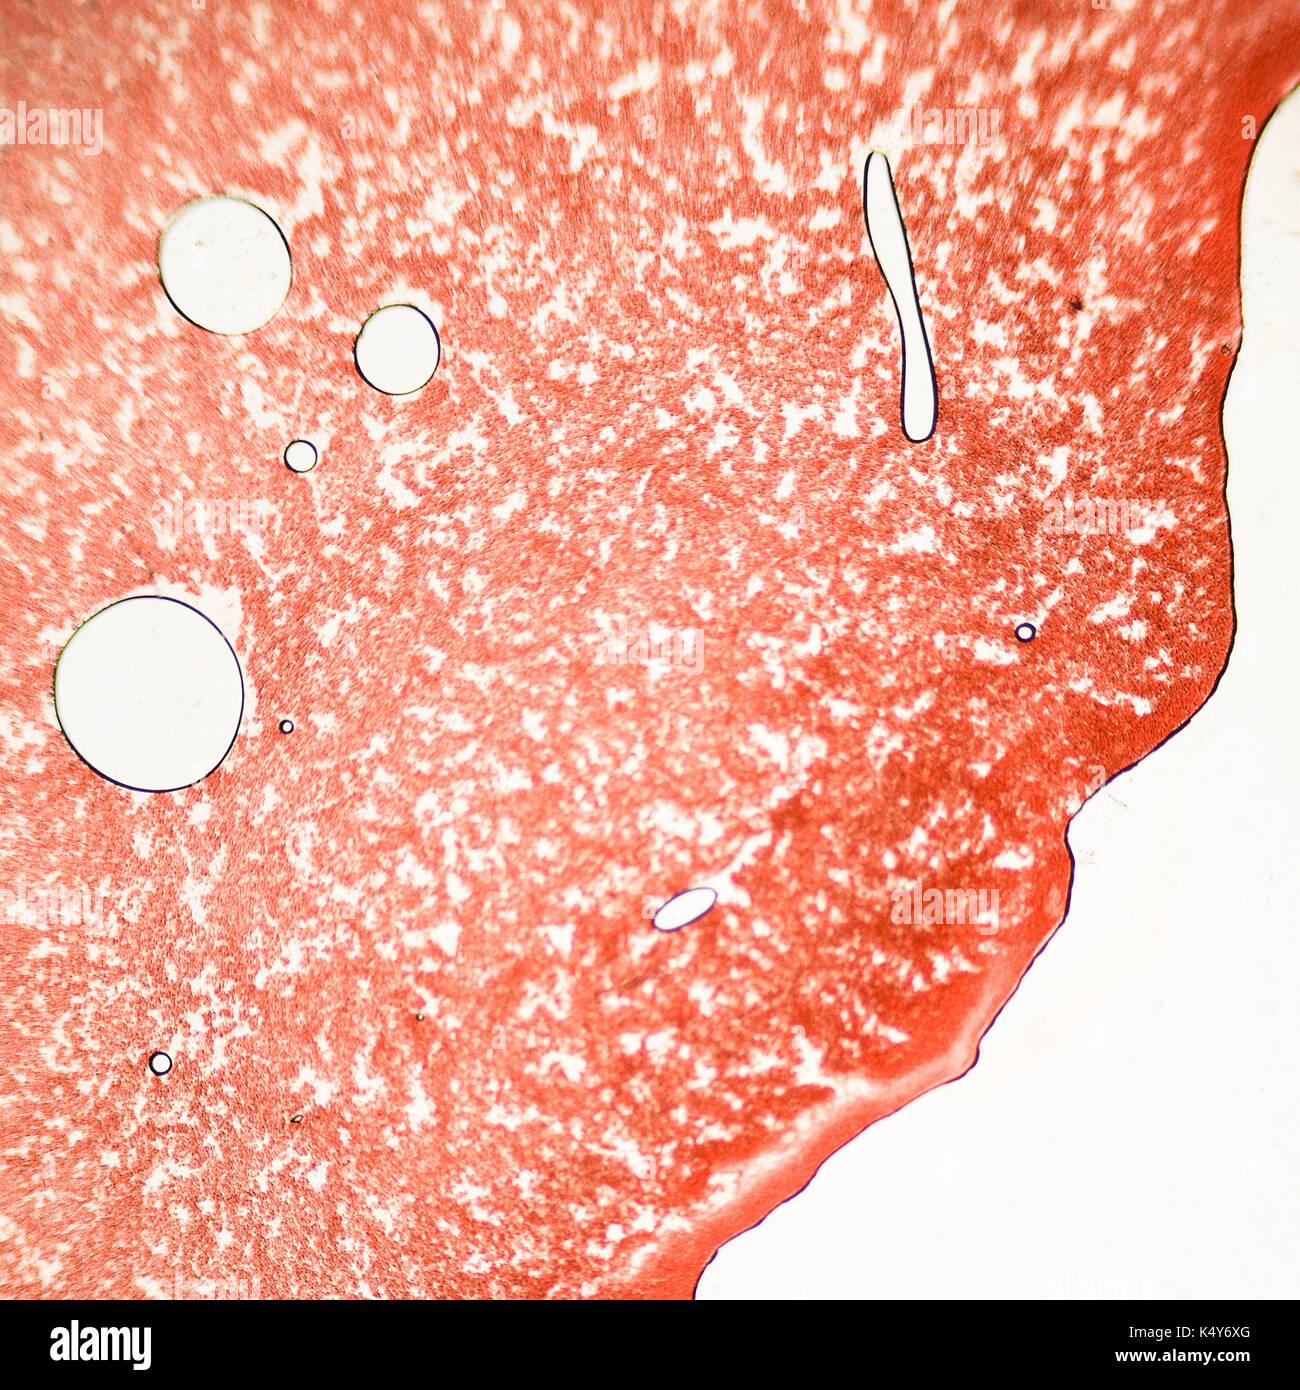 Un frotis de sangre bajo el microscopio presentan los neutrófilos y linfocitos rojos. foto micro secciones con alta magnificación con microscopio de luz Foto de stock